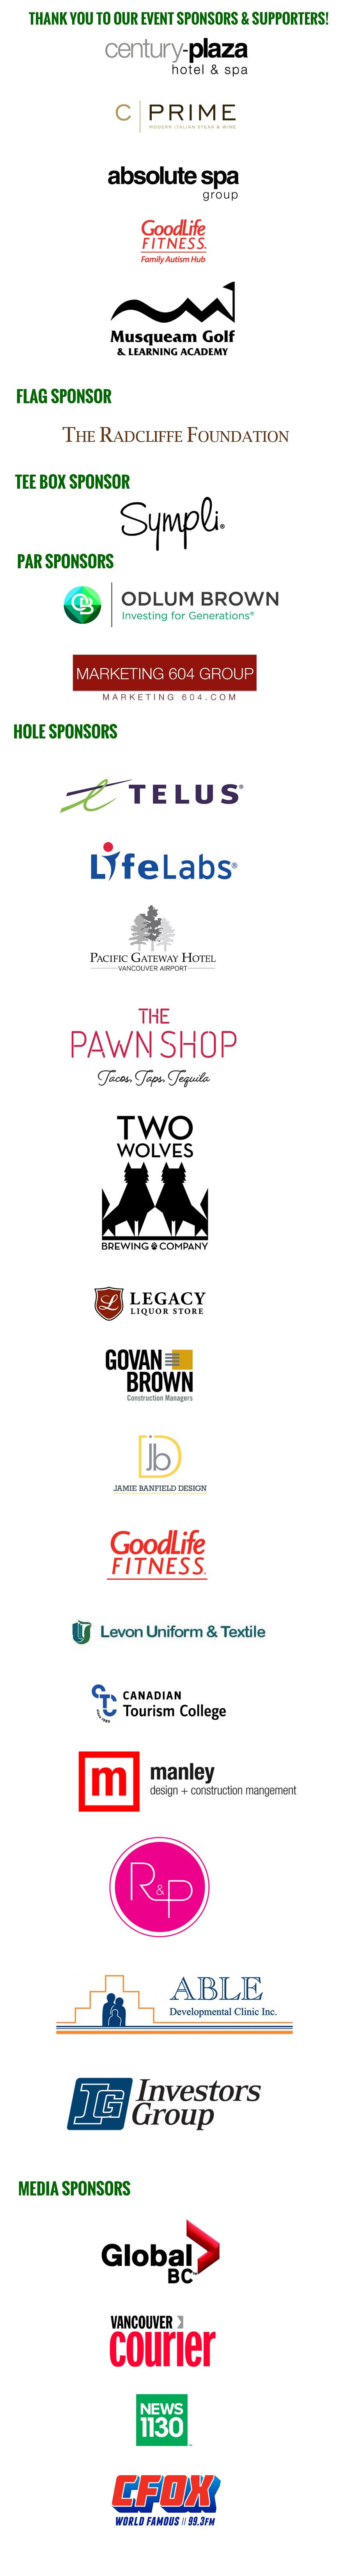 WMGC sponsors SEP 14